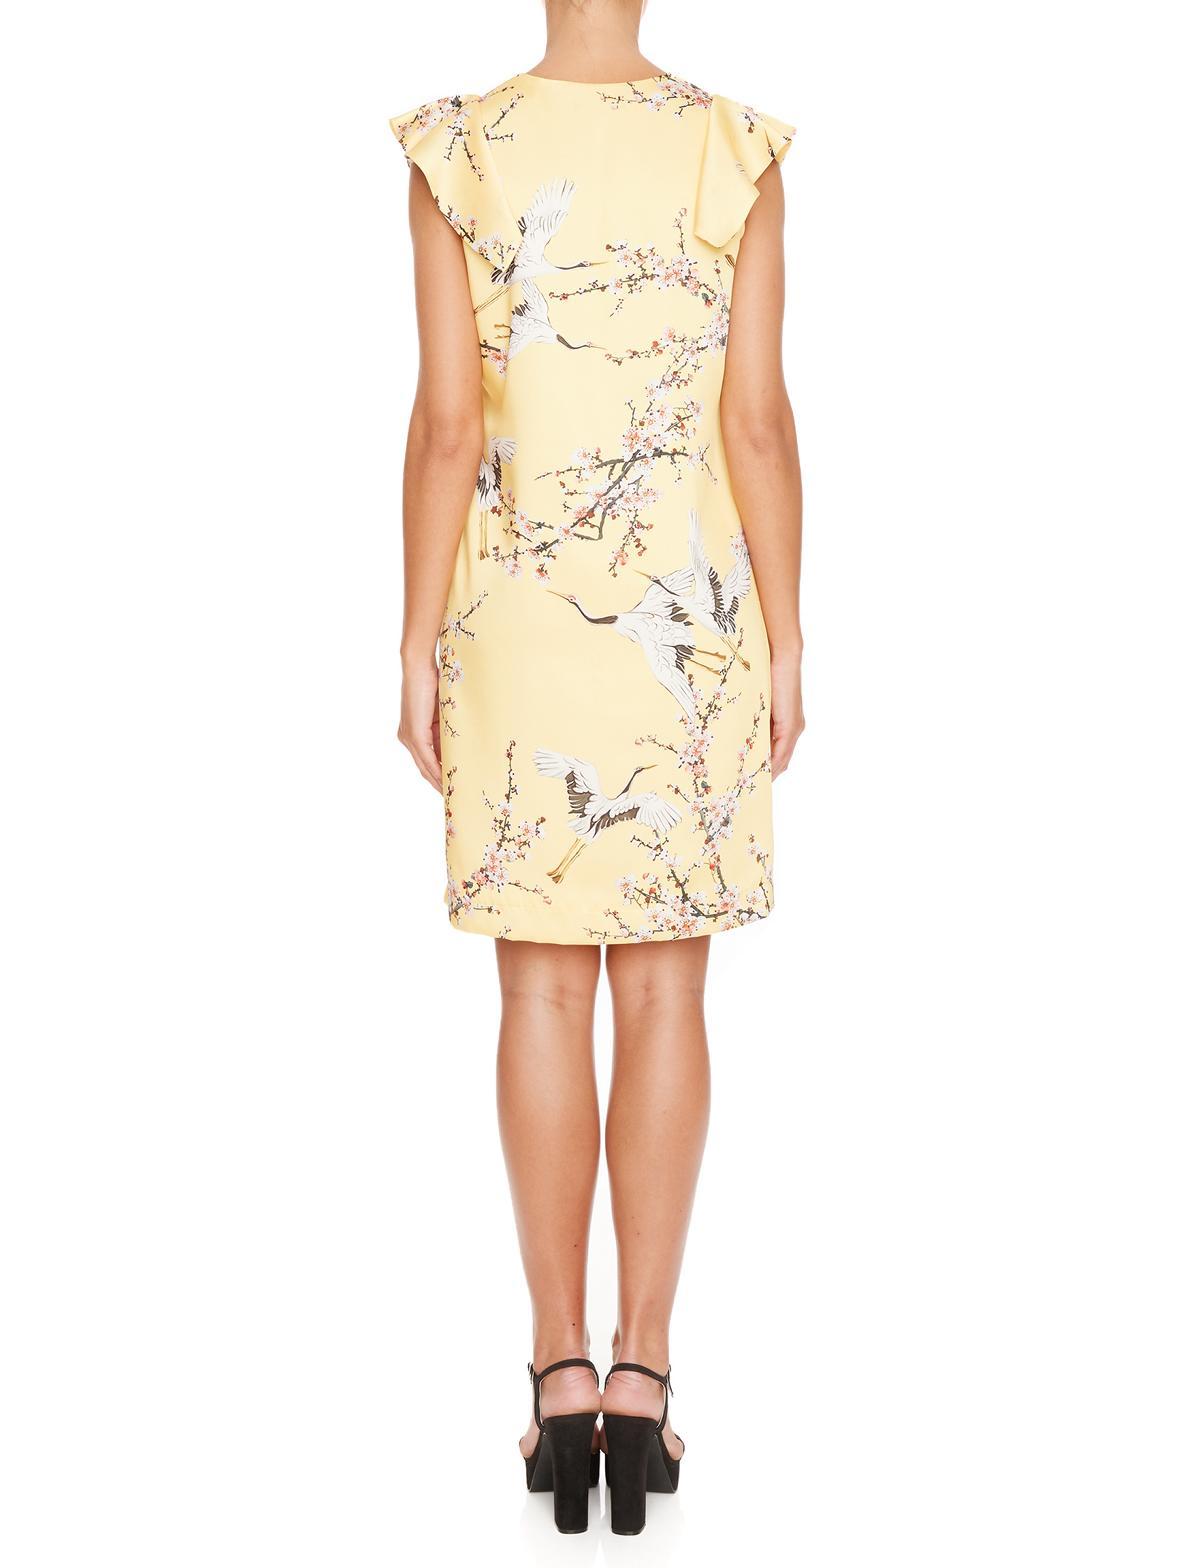 Rückansicht von Ana Alcazar A-Linien Kleid Mirany  angezogen an Model